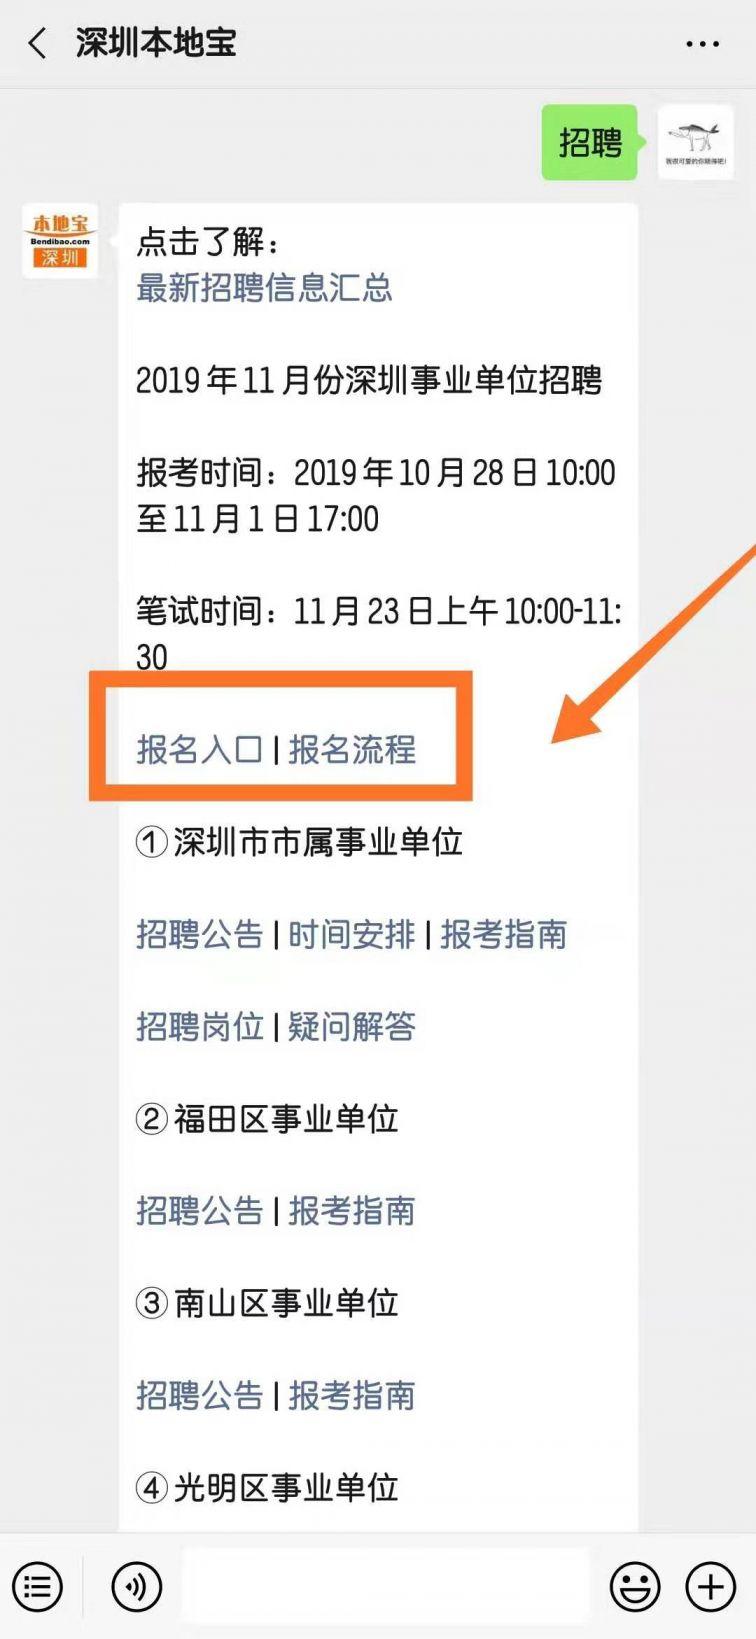 2019年11月份深圳光明事业单位招